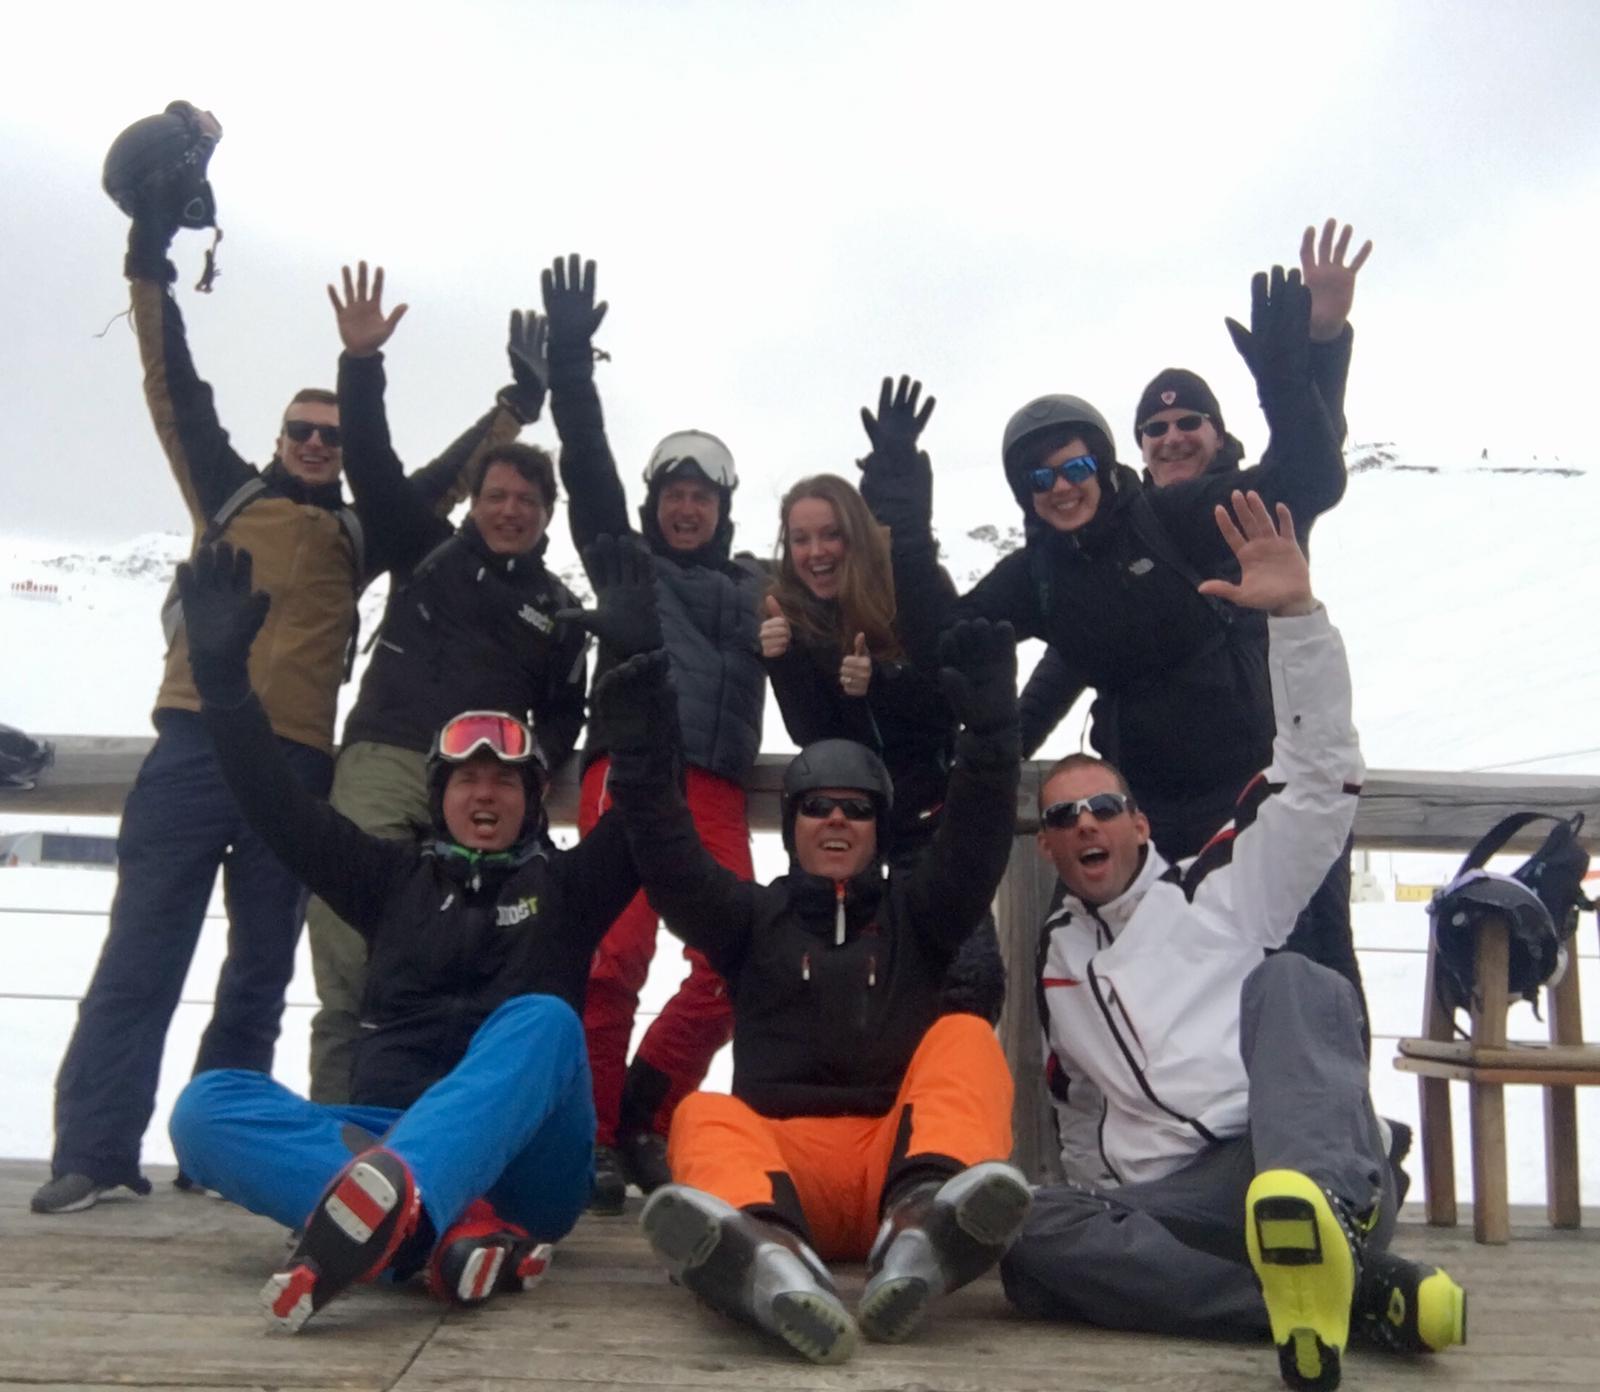 Deze groepsfoto in de sneeuw hebben we ontvangen van Joost-IT